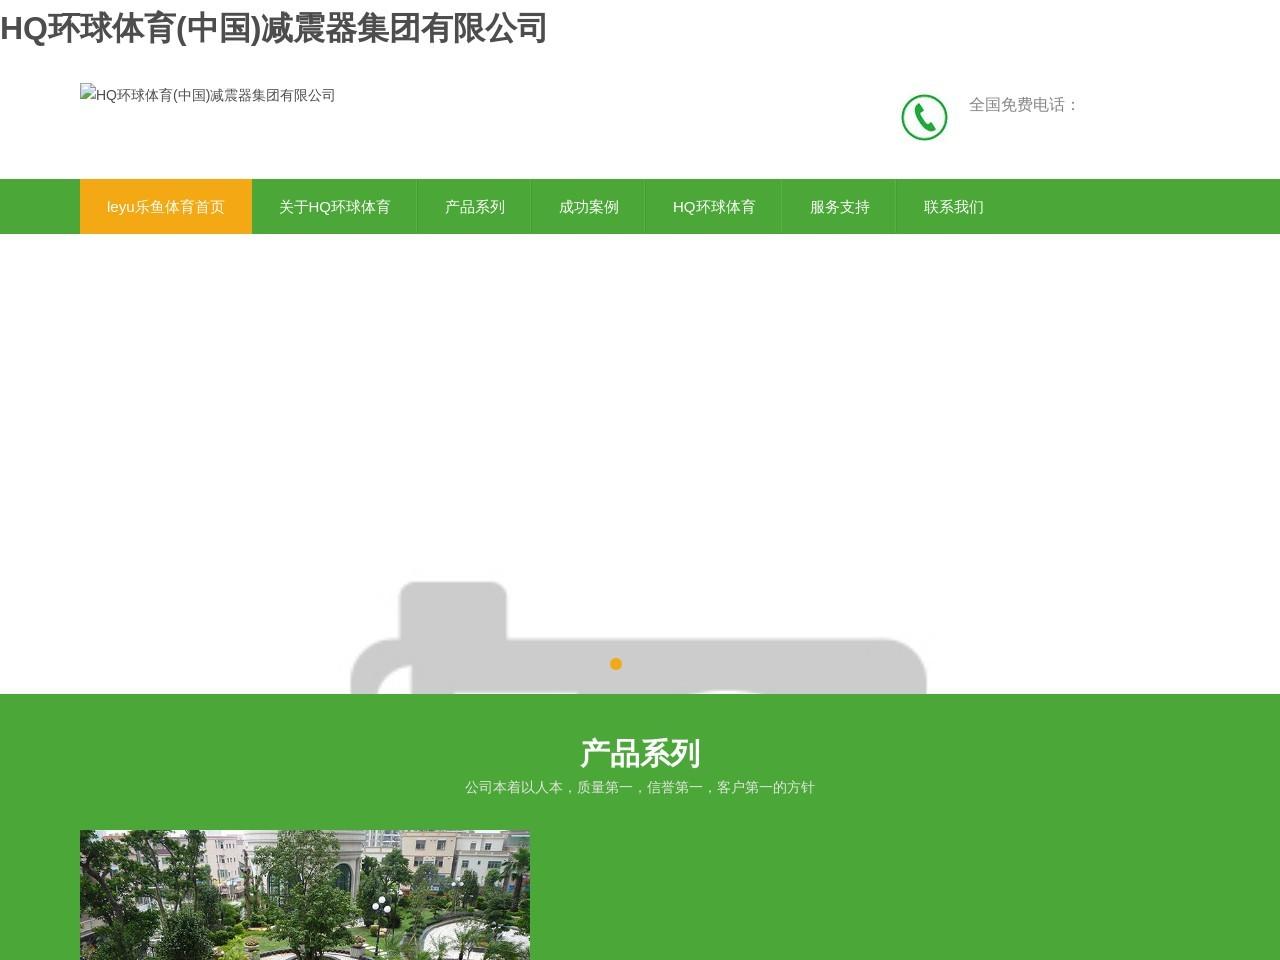 酥酥爱婚恋网(www.susuai.com)